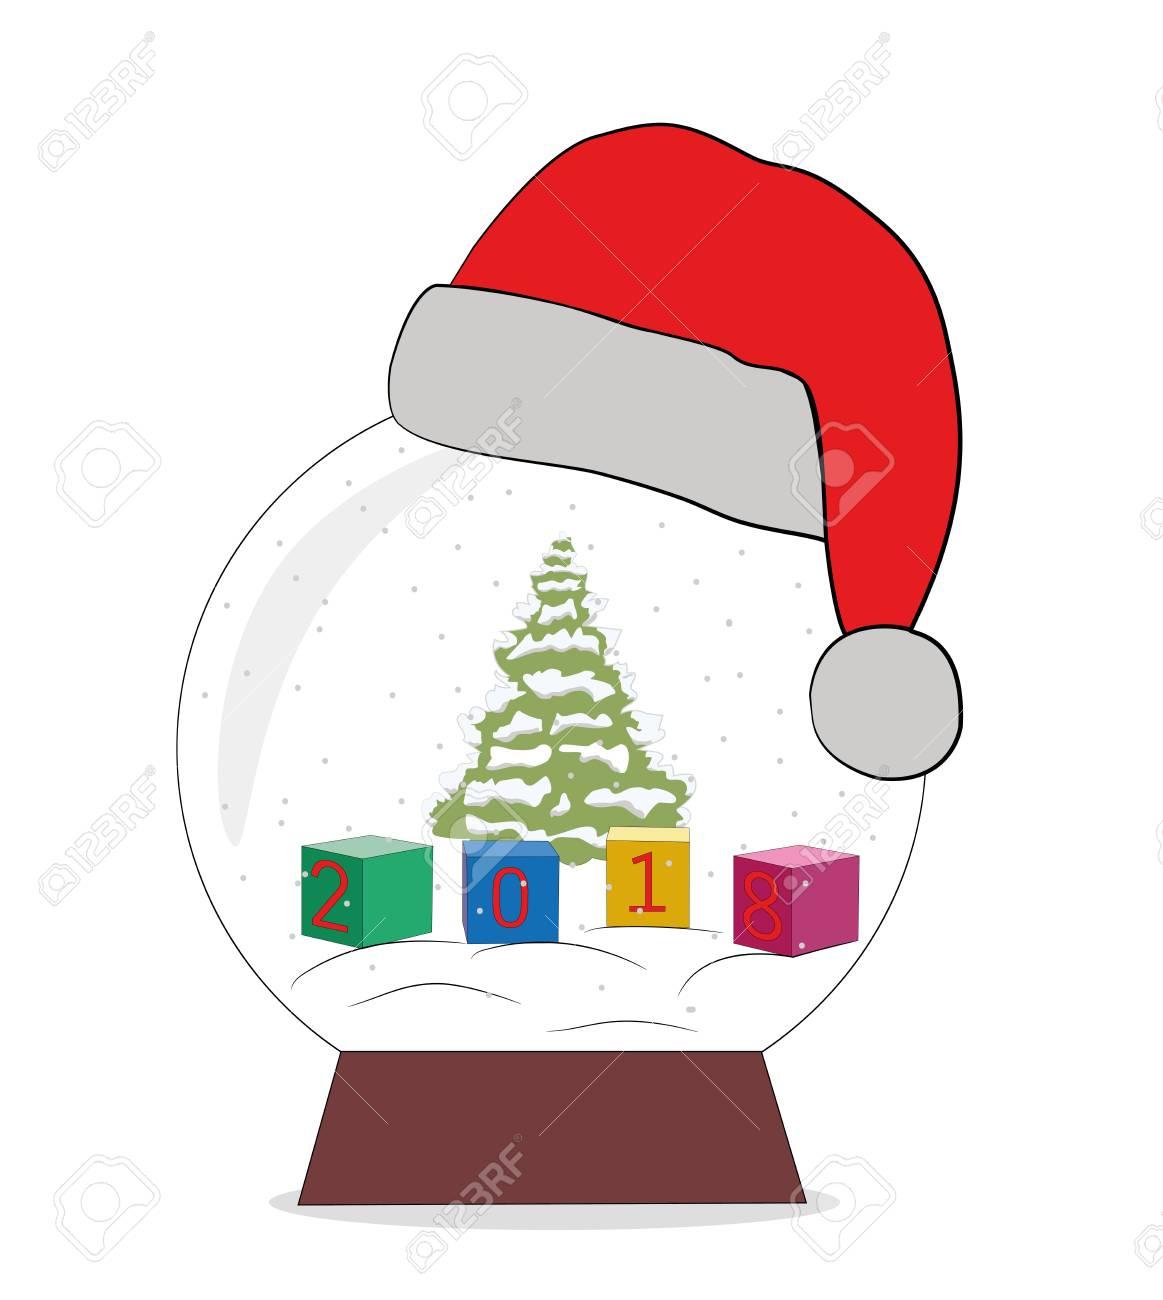 Immagini Natalizie Vettoriali.Cubi Con I Numeri Concetto Di Capodanno E Festivita Natalizie Illustrazione Vettoriale